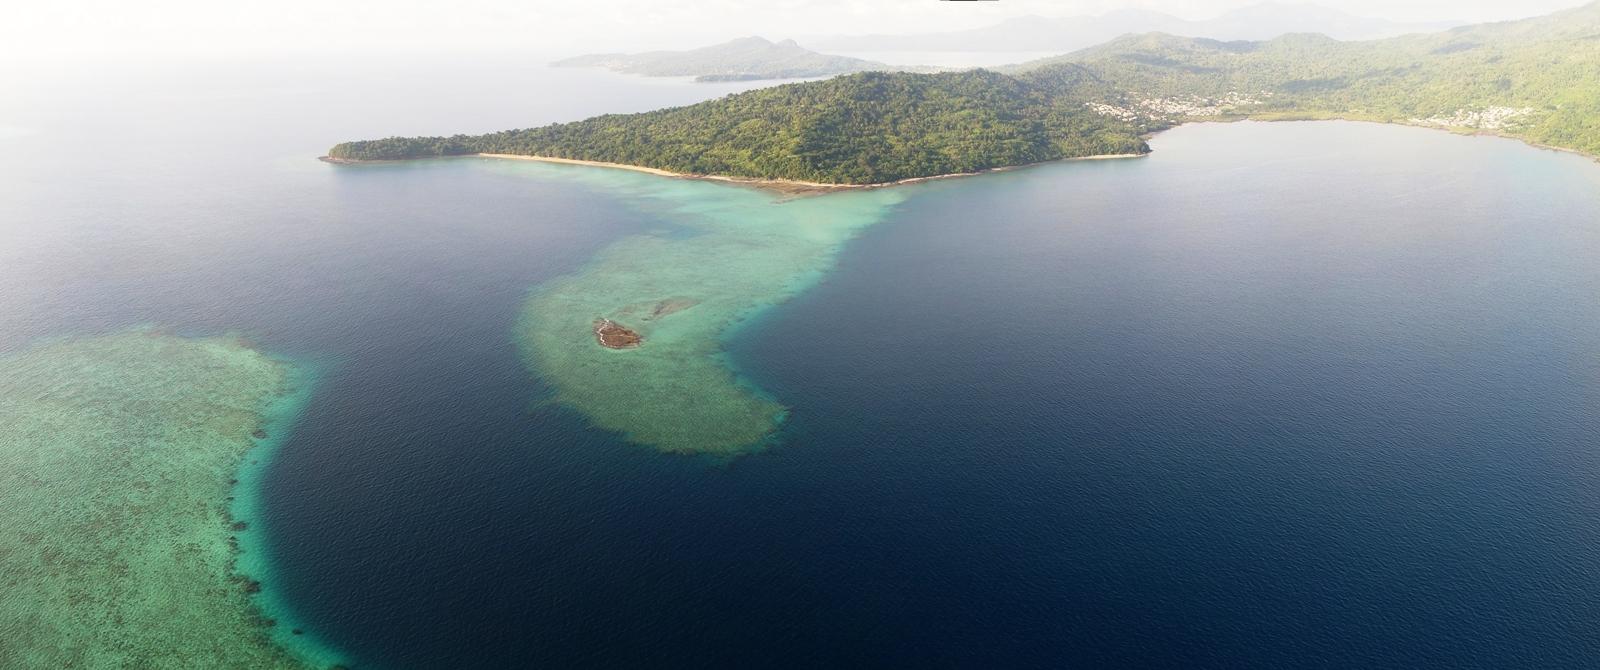 Baie de Kani à Mayotte double barrière récifale